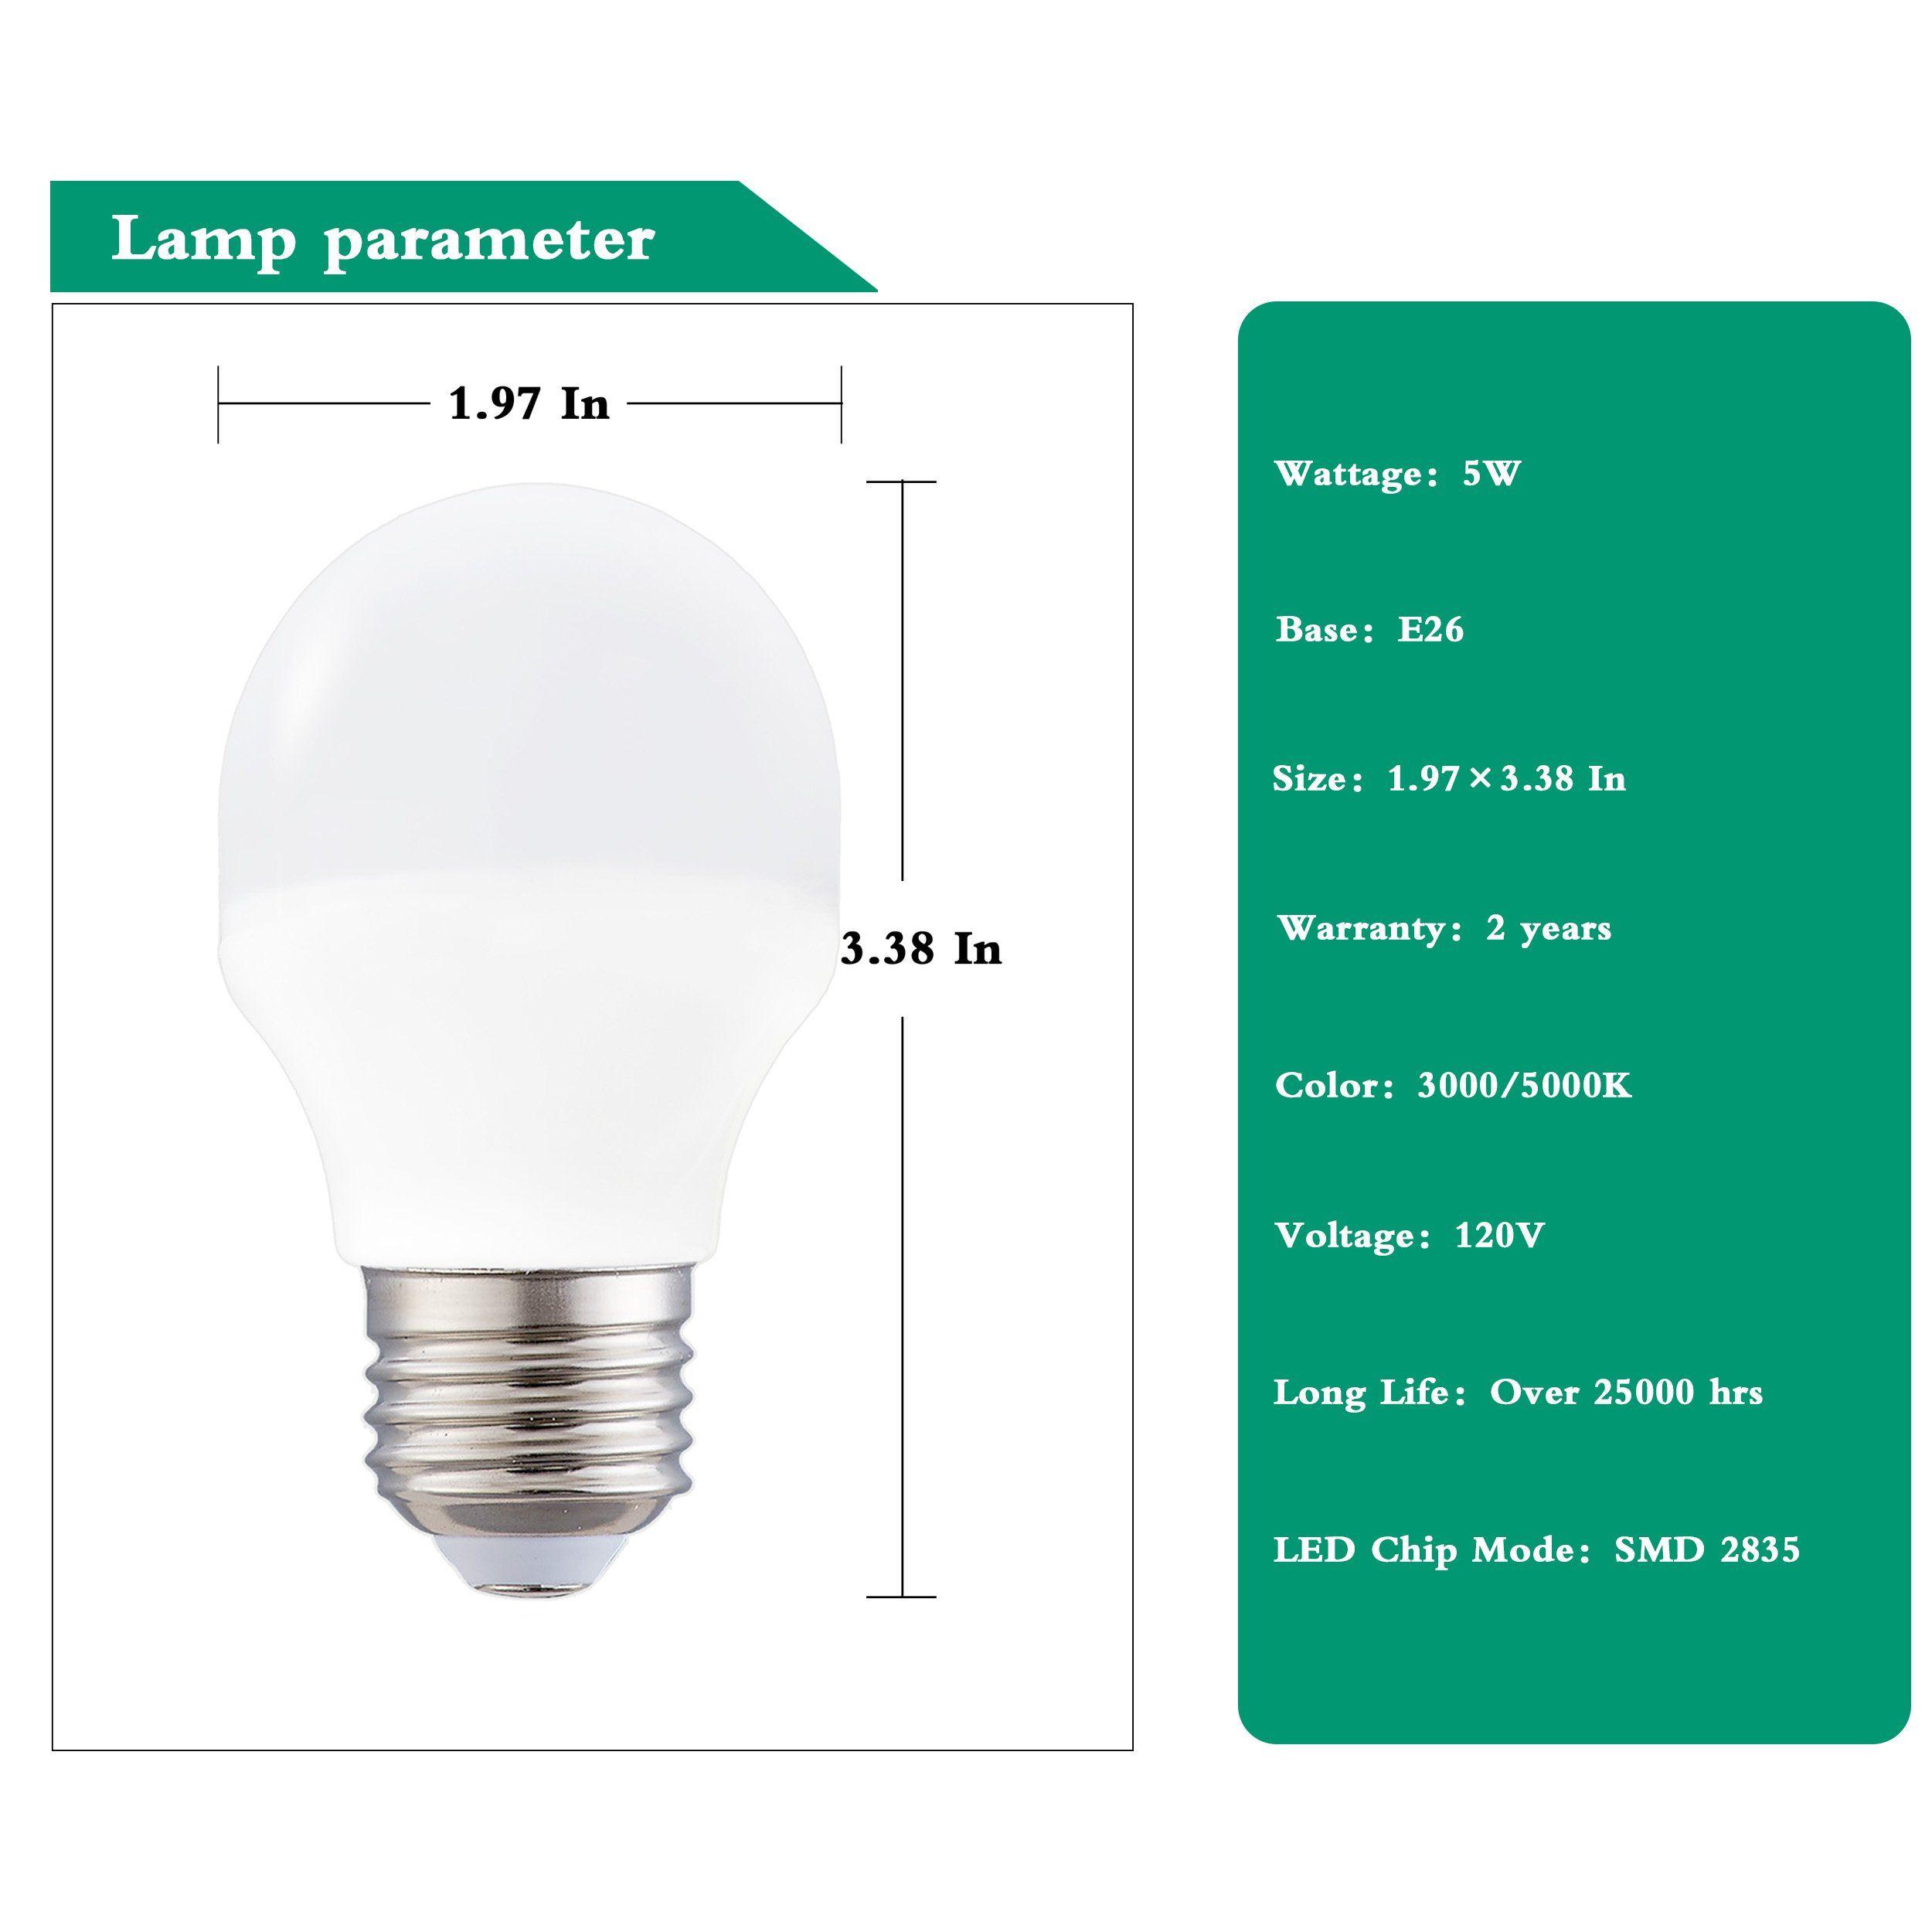 Non Dimmable A15 Led Light Bulb 40w Halogen Equivalent G45 Led Light Bulbse26 Medium Basewarm White 3000k 360lumens4w Led In 2020 Light Bulb Led Light Bulb Led Lights